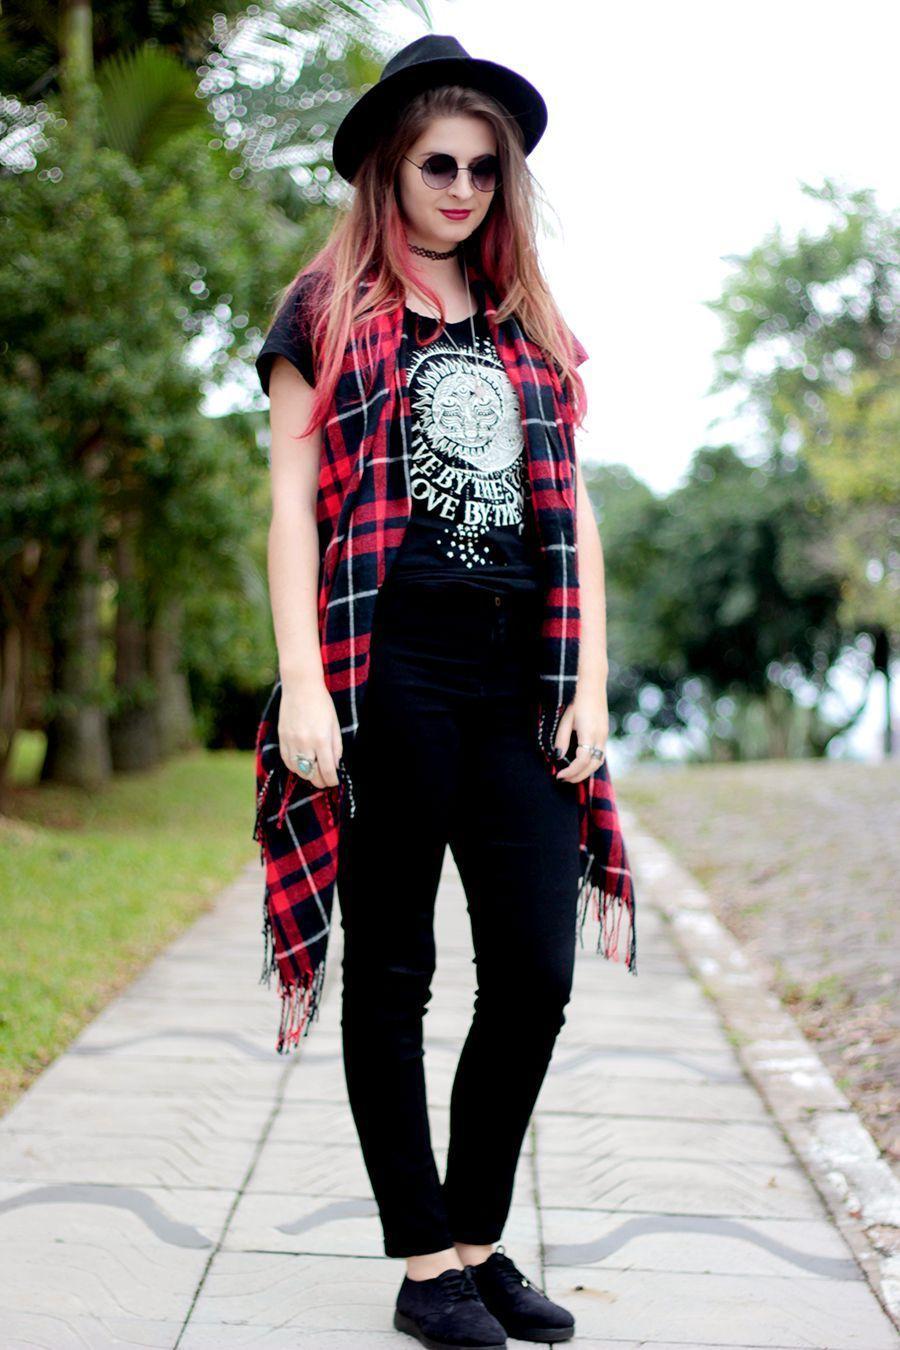 """Foto: Reprodução / <a href=""""http://www.meninicesdavida.com.br/2015/05/look-t-shirt-cintura-alta-e-chapeu.html"""" target=""""_blank"""">Meninices da Vida</a>"""